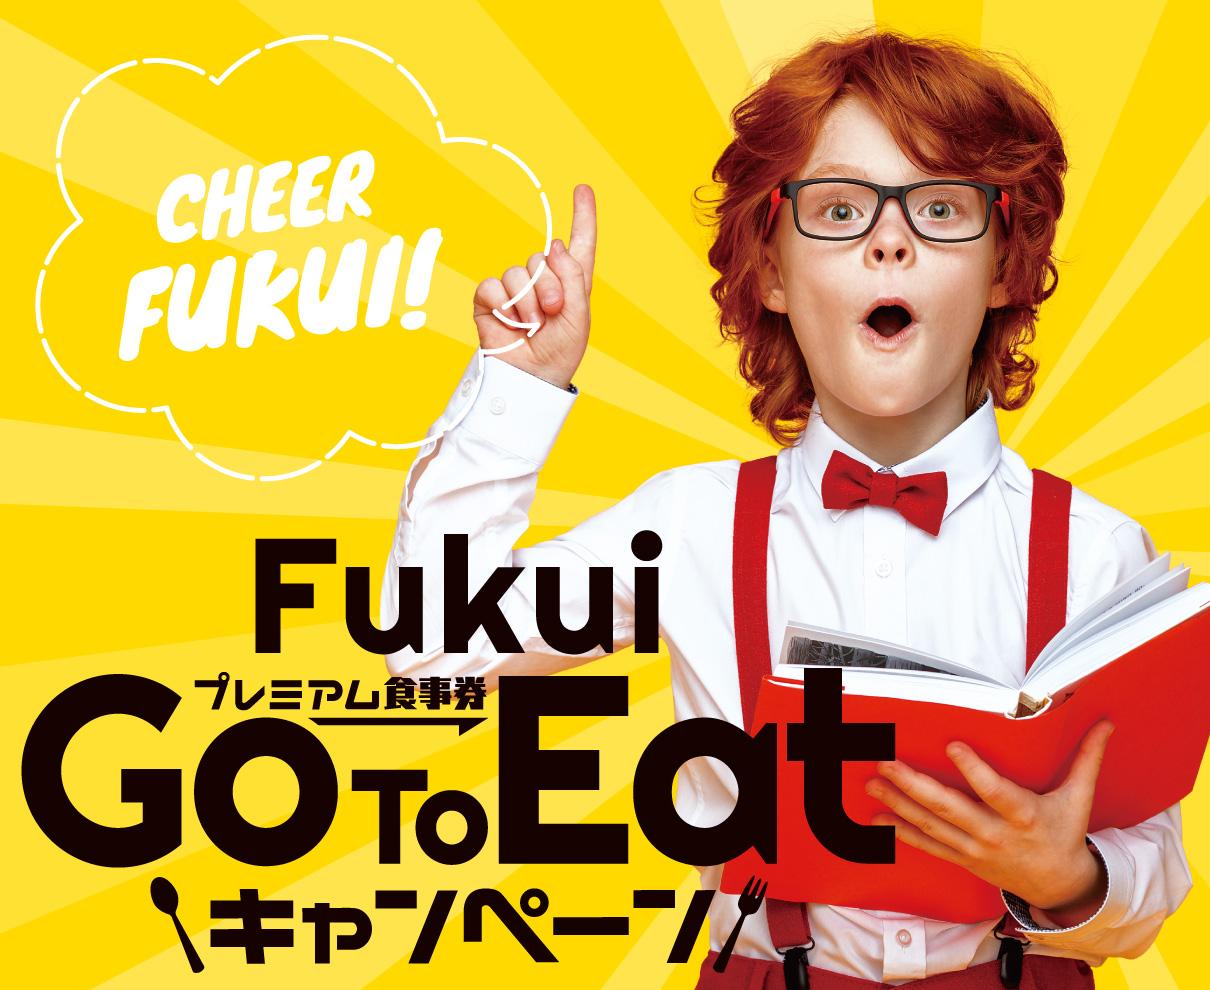 焦らなくても大丈夫。利用期間は6月30日まで!『福井県GoToEatキャンペーン』